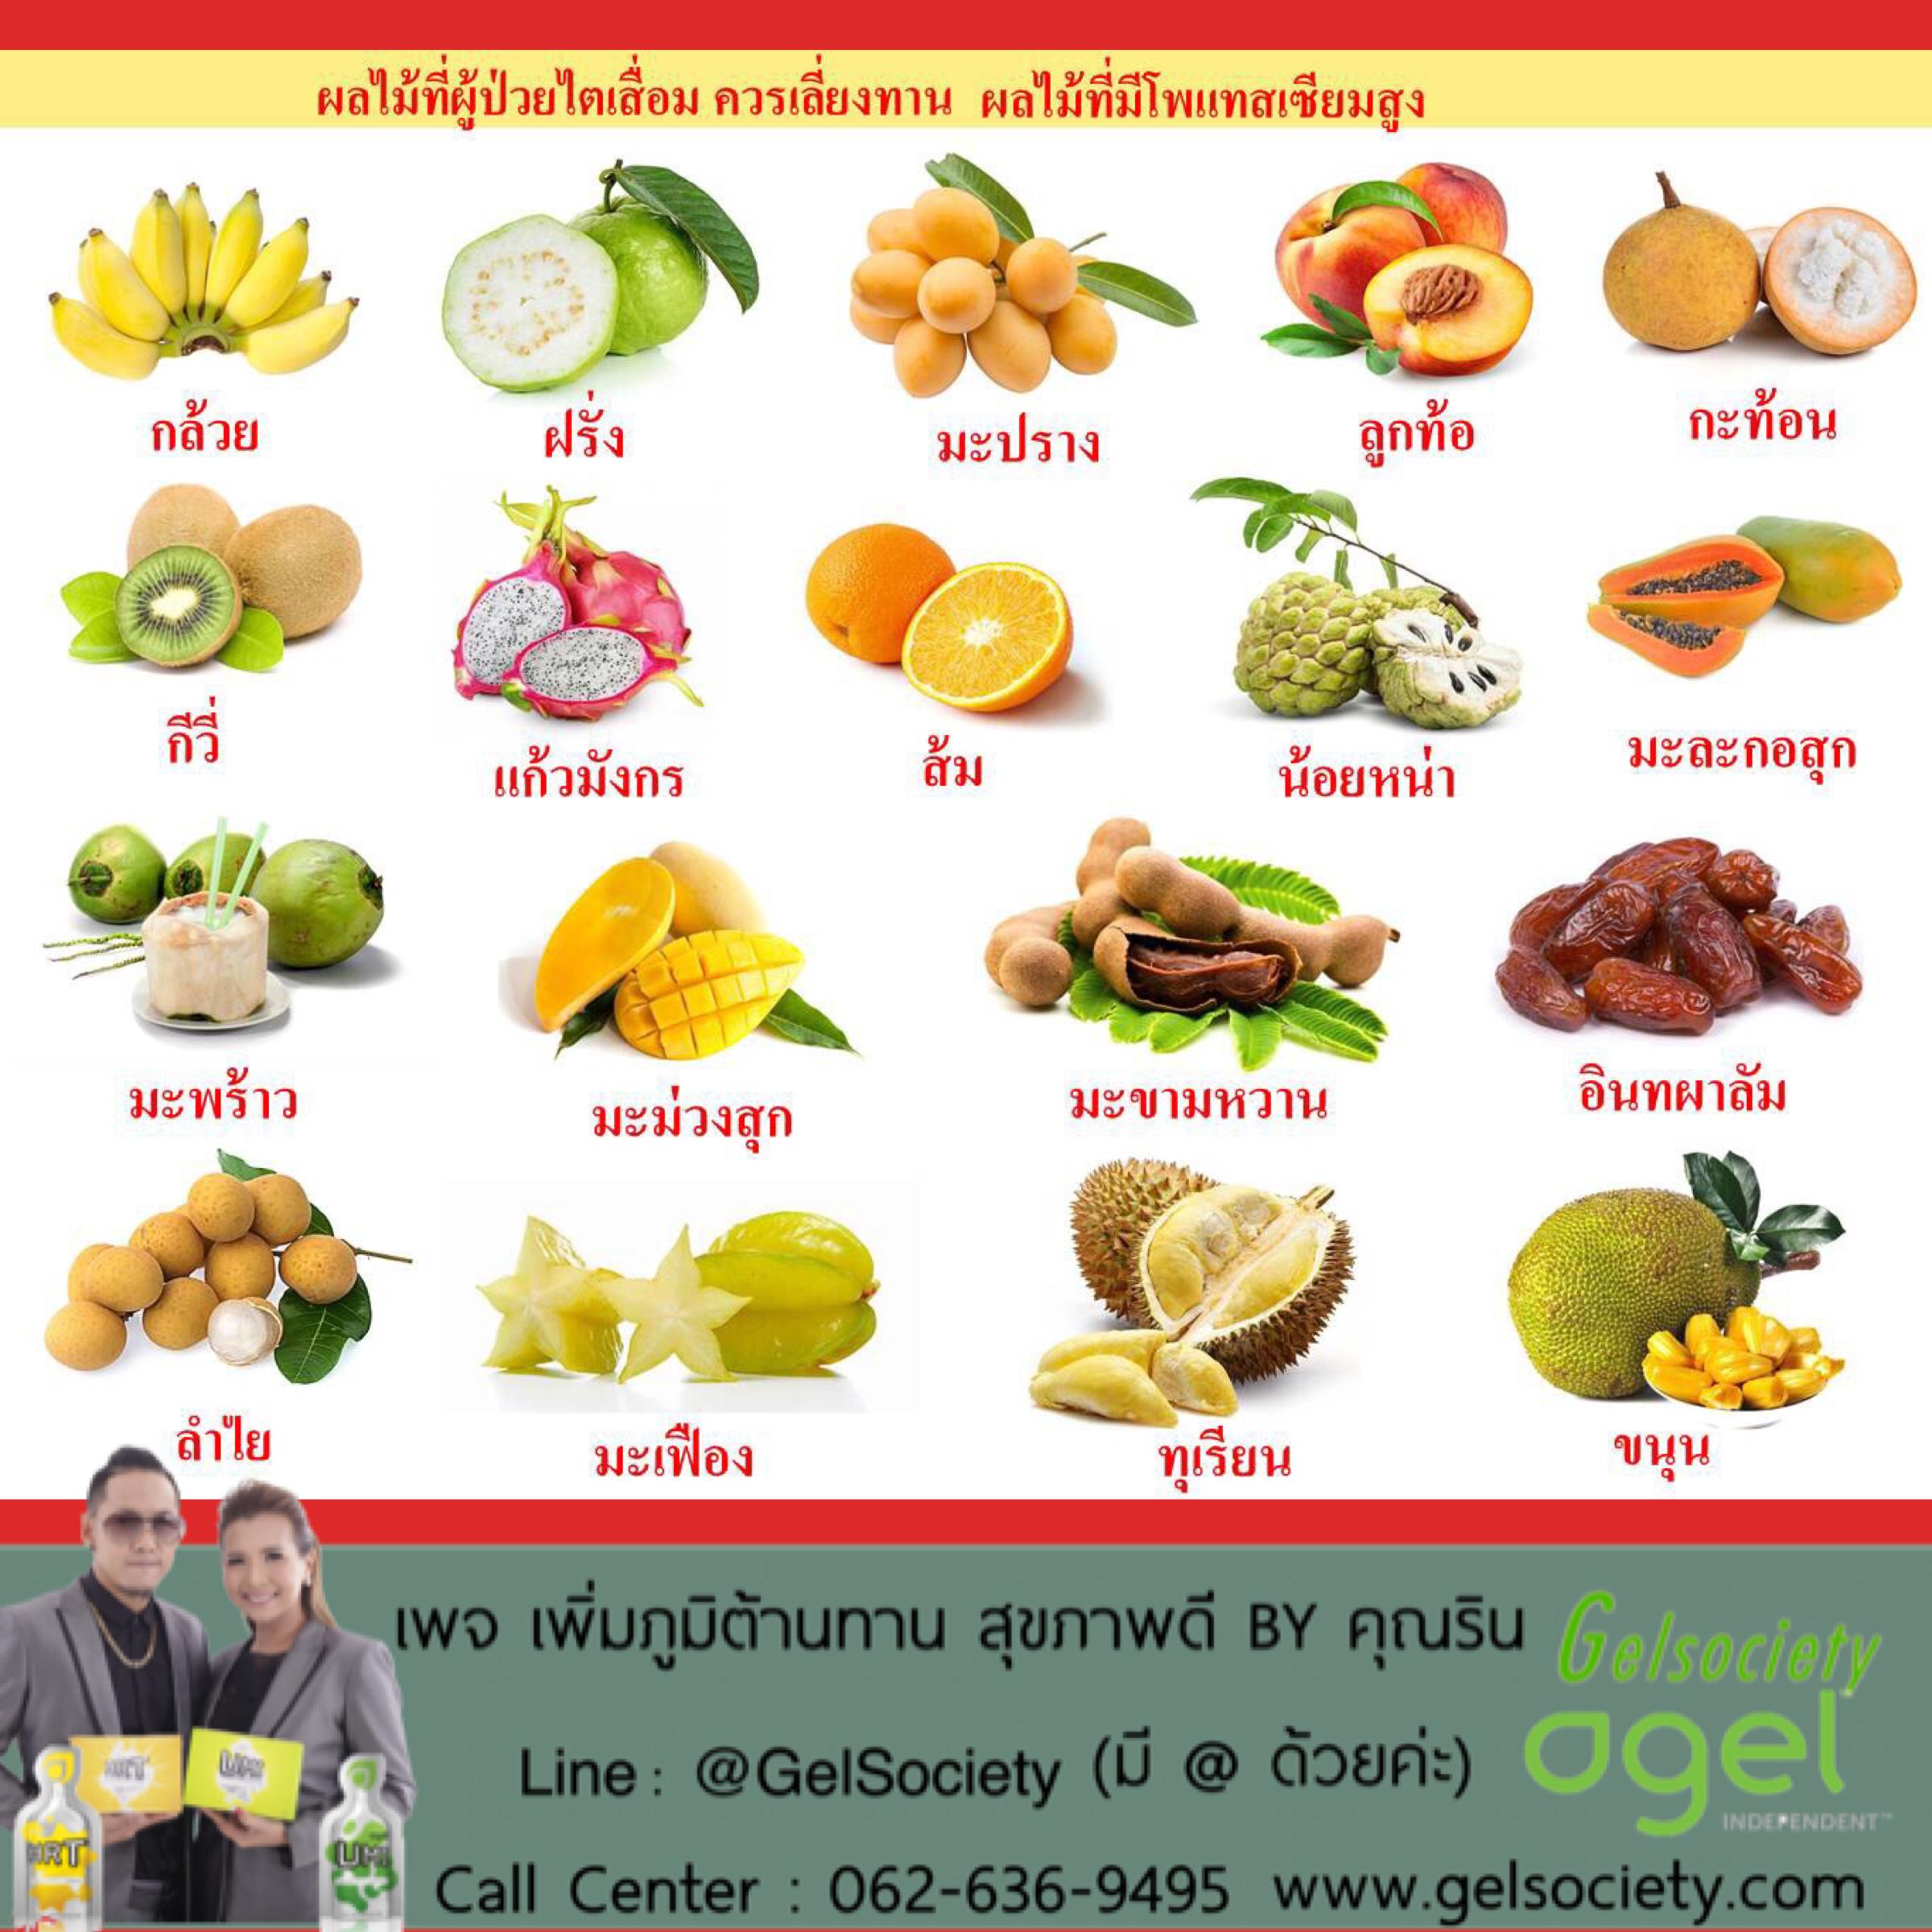 ผลไม้ โรคไต ห้ามทาน ทานไม่ได้